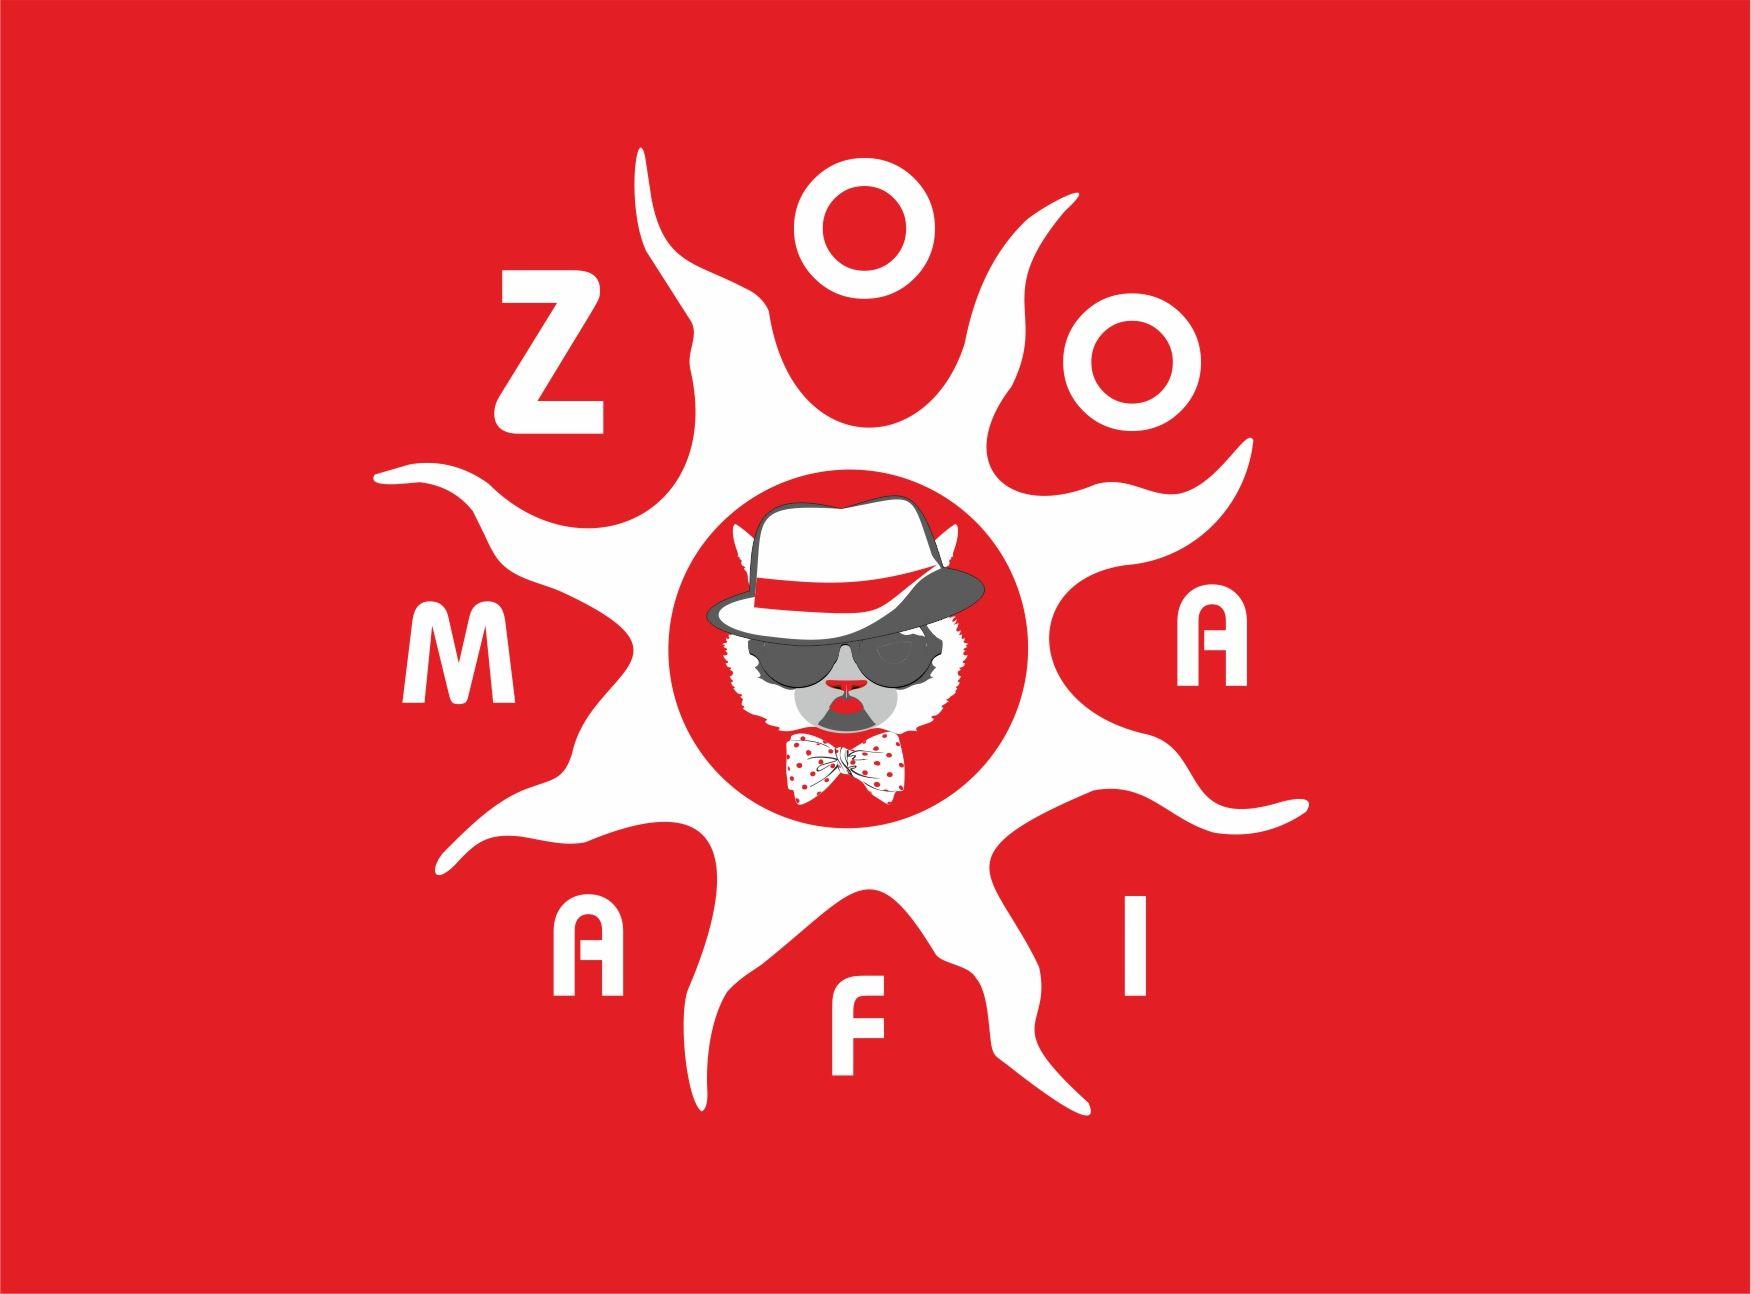 Логотип для интернет магазина зоотоваров - дизайнер markosov